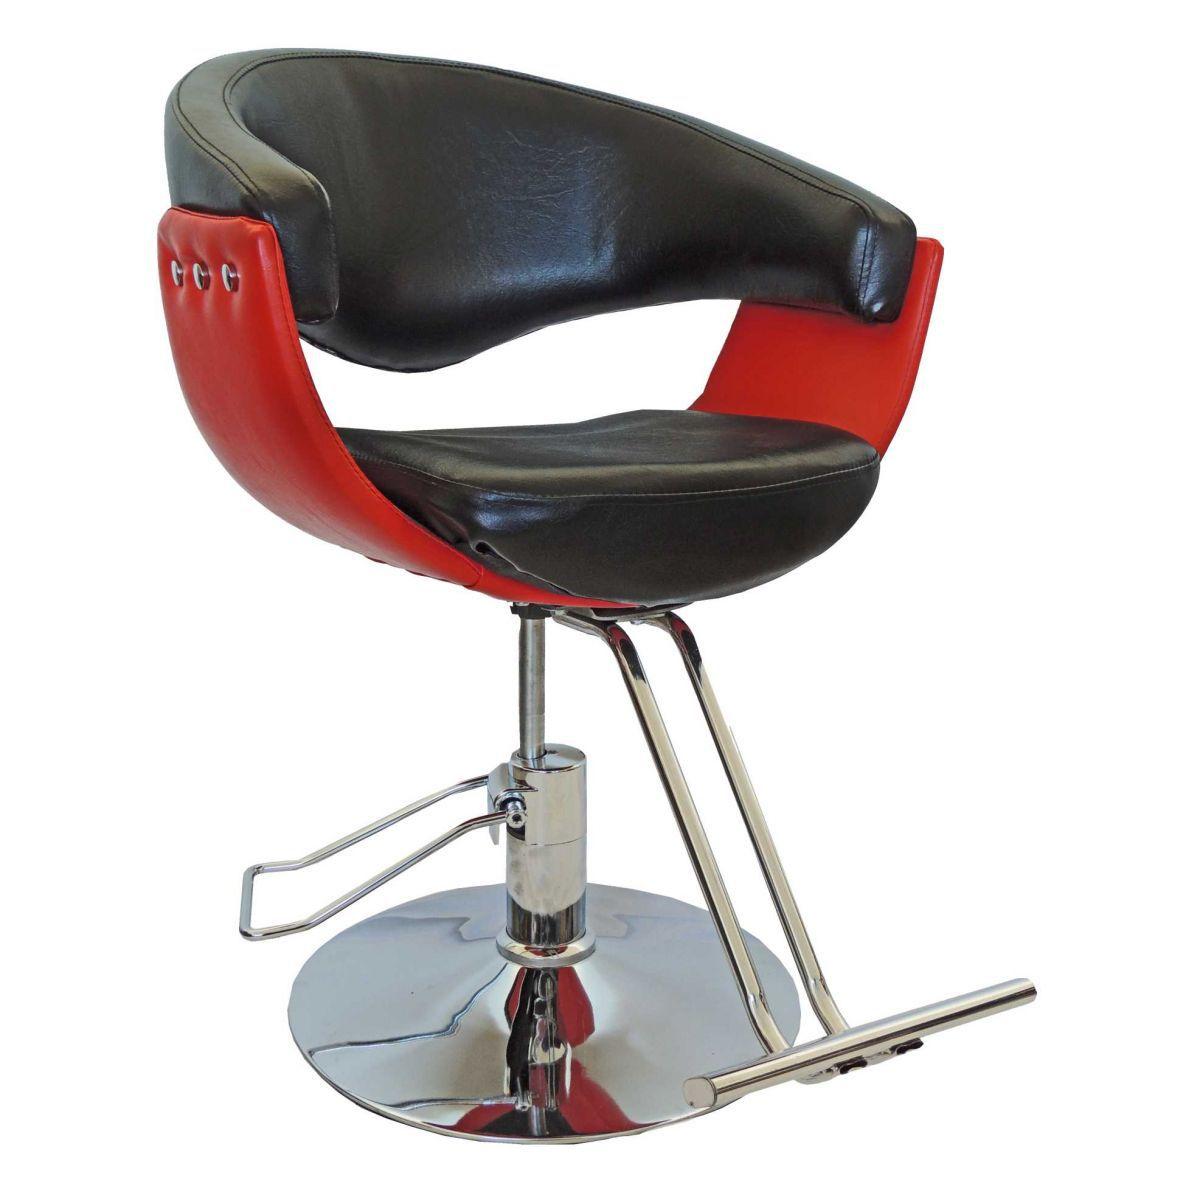 Cadeira Hidráulica de Salão London - at.home